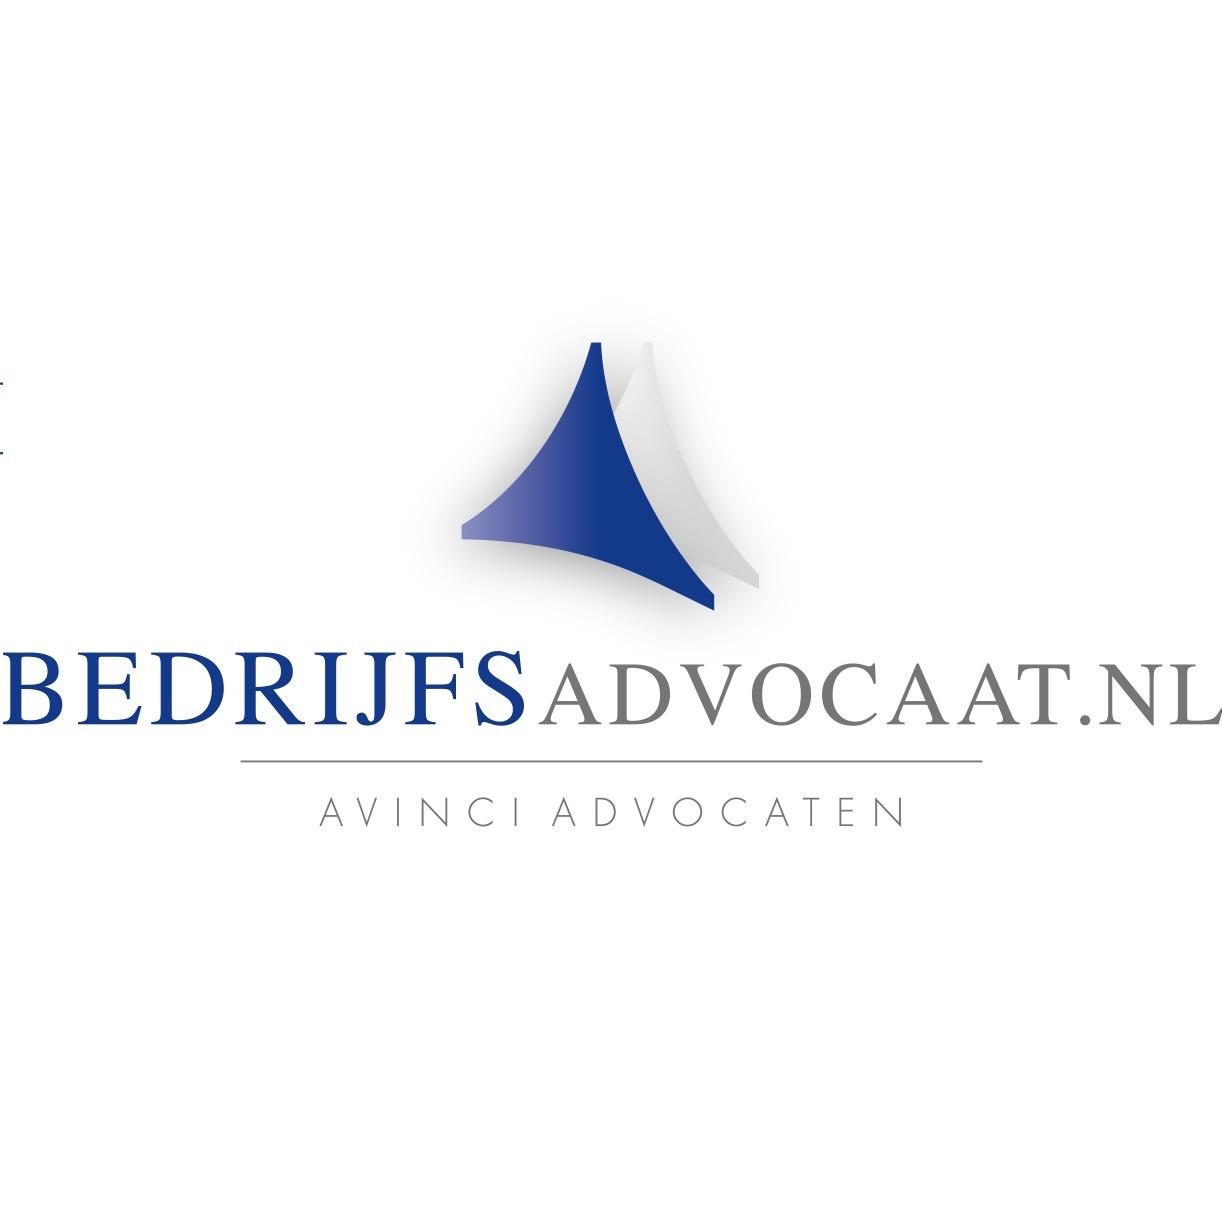 Bedrijfsadvocaat.nl